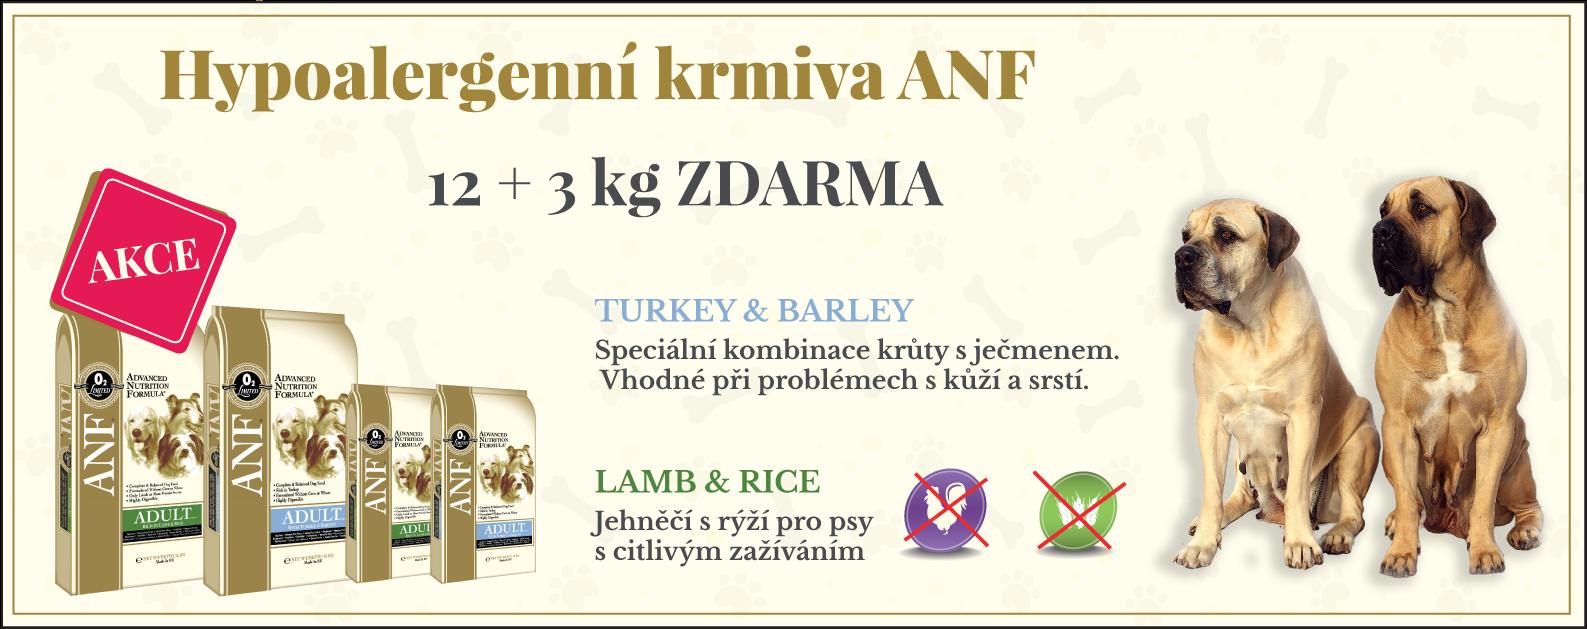 Krmivo ANF Canine 12 + 3kg ZDARMA